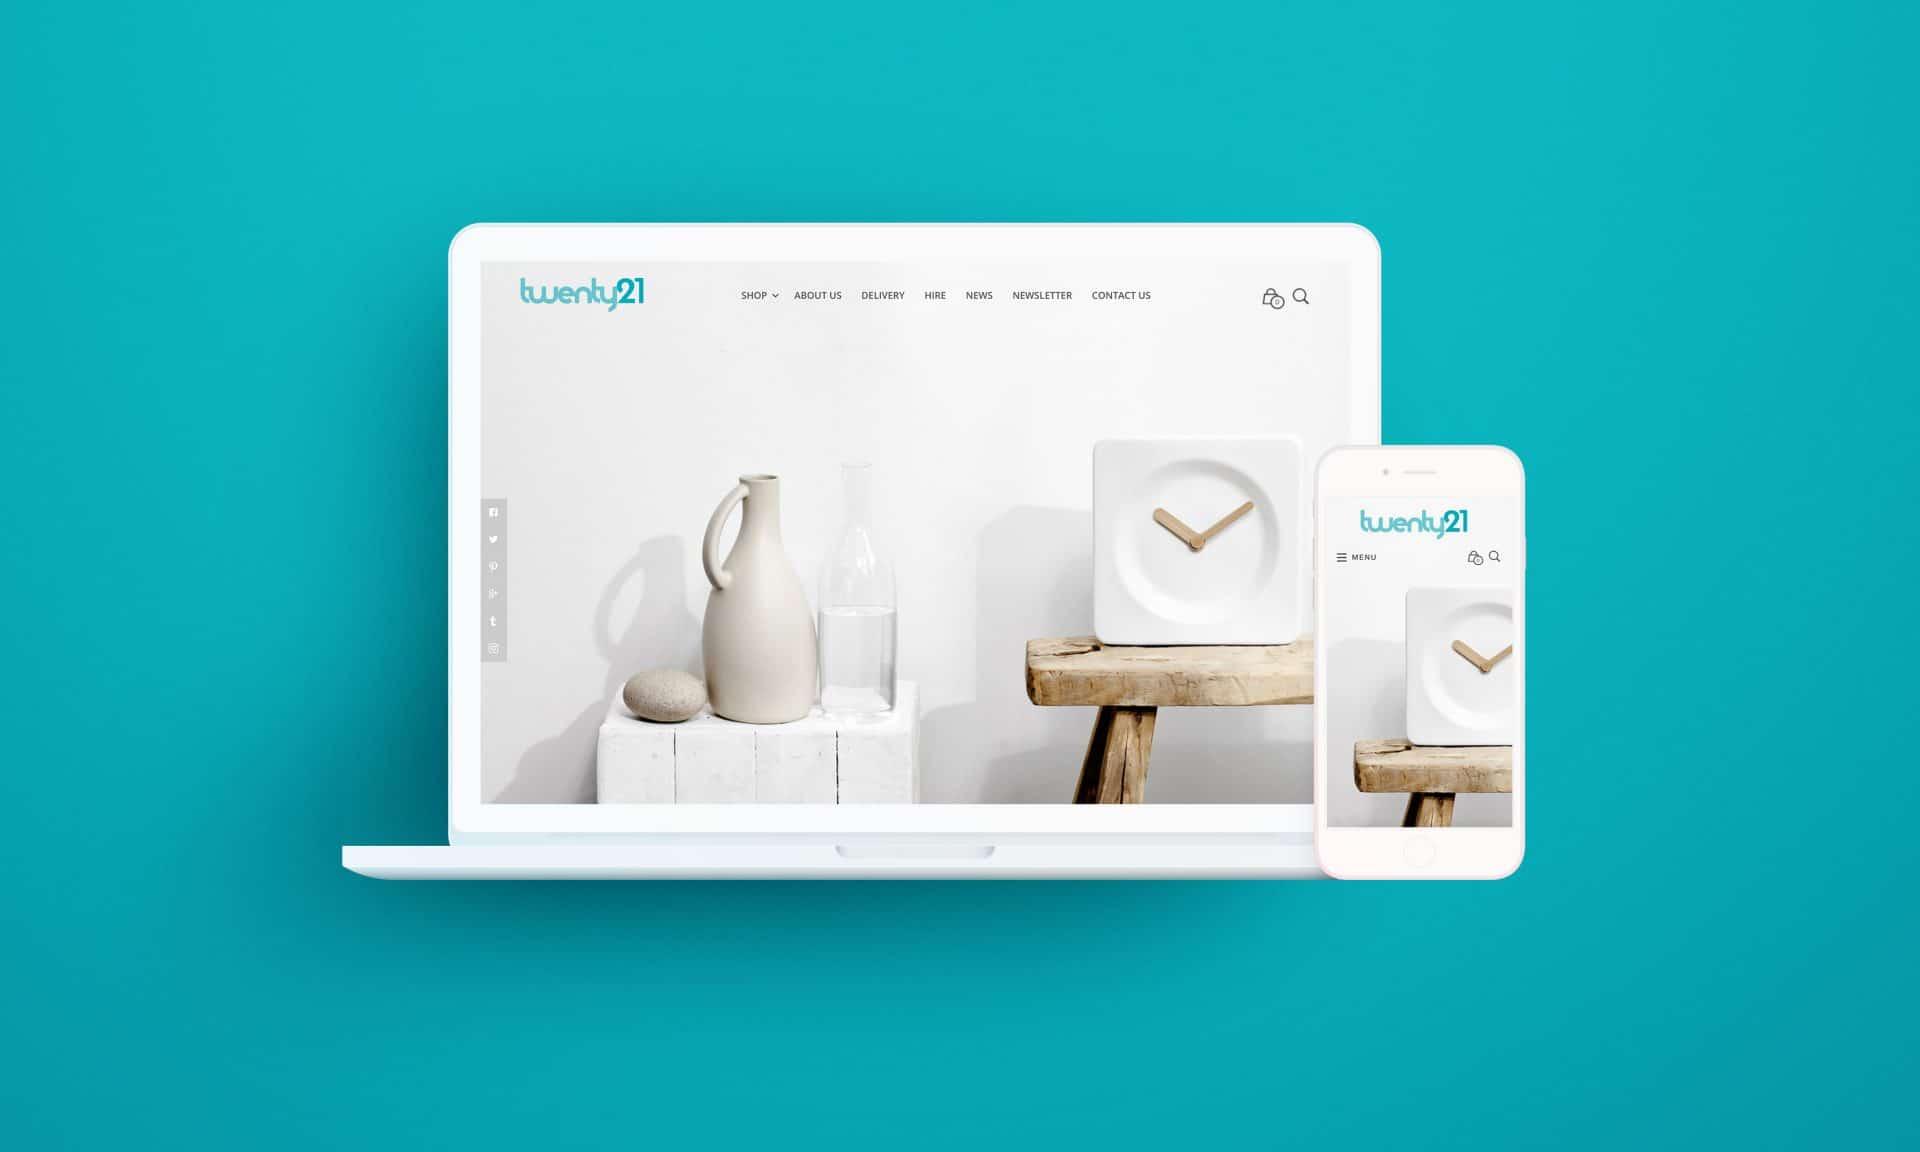 Twenty21 homepage desktop design on Macbook and iPhone